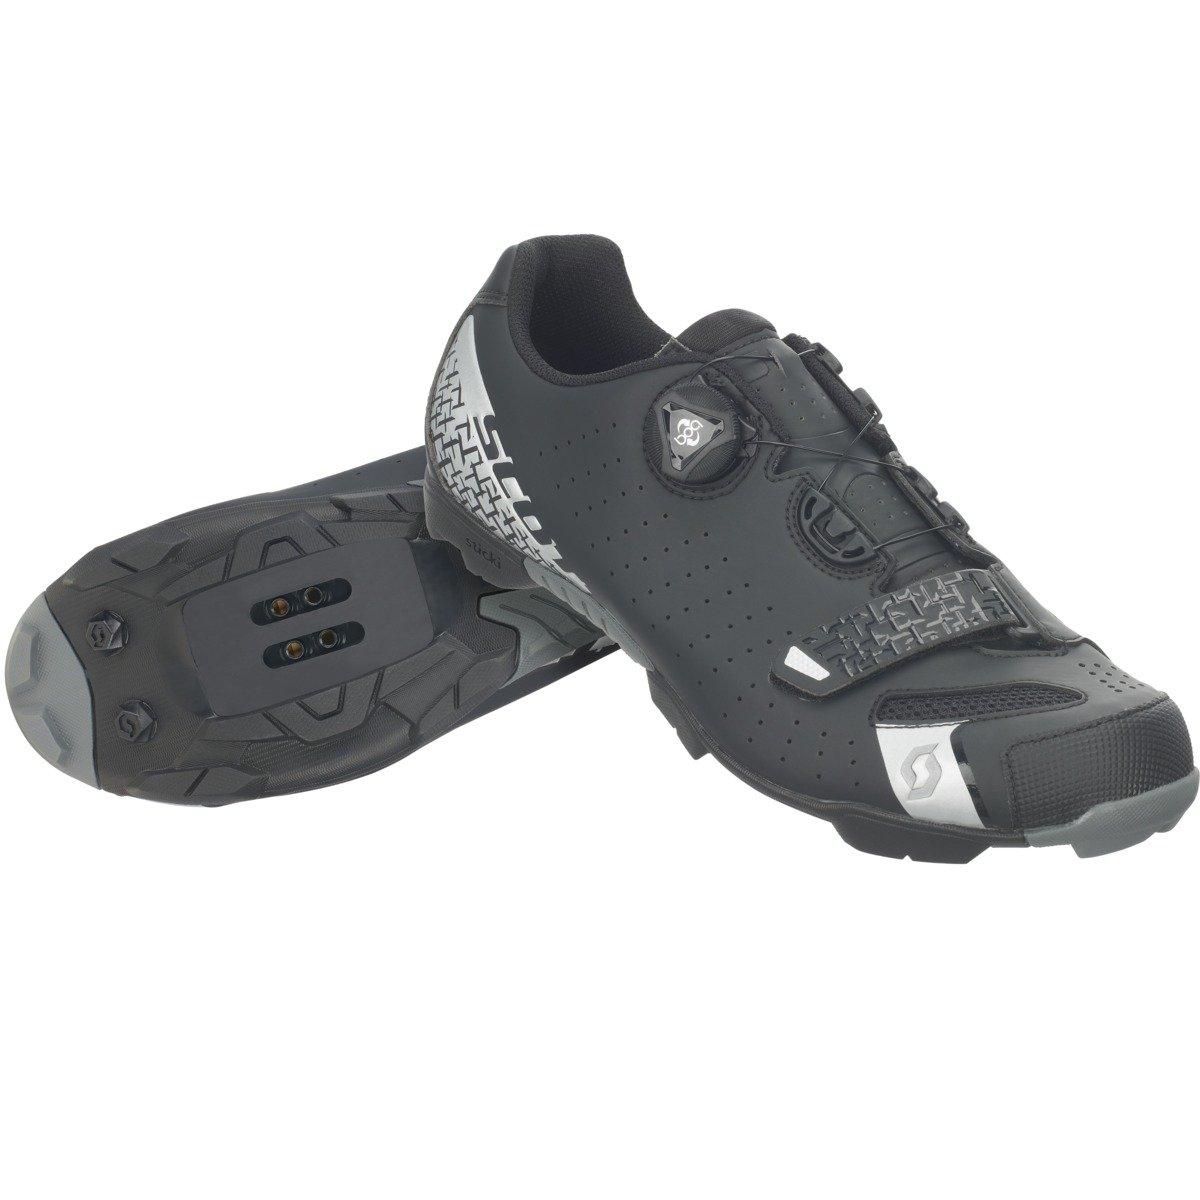 Scott Herren MTB-radschuh Comp Boa Mountainbike Schuhe